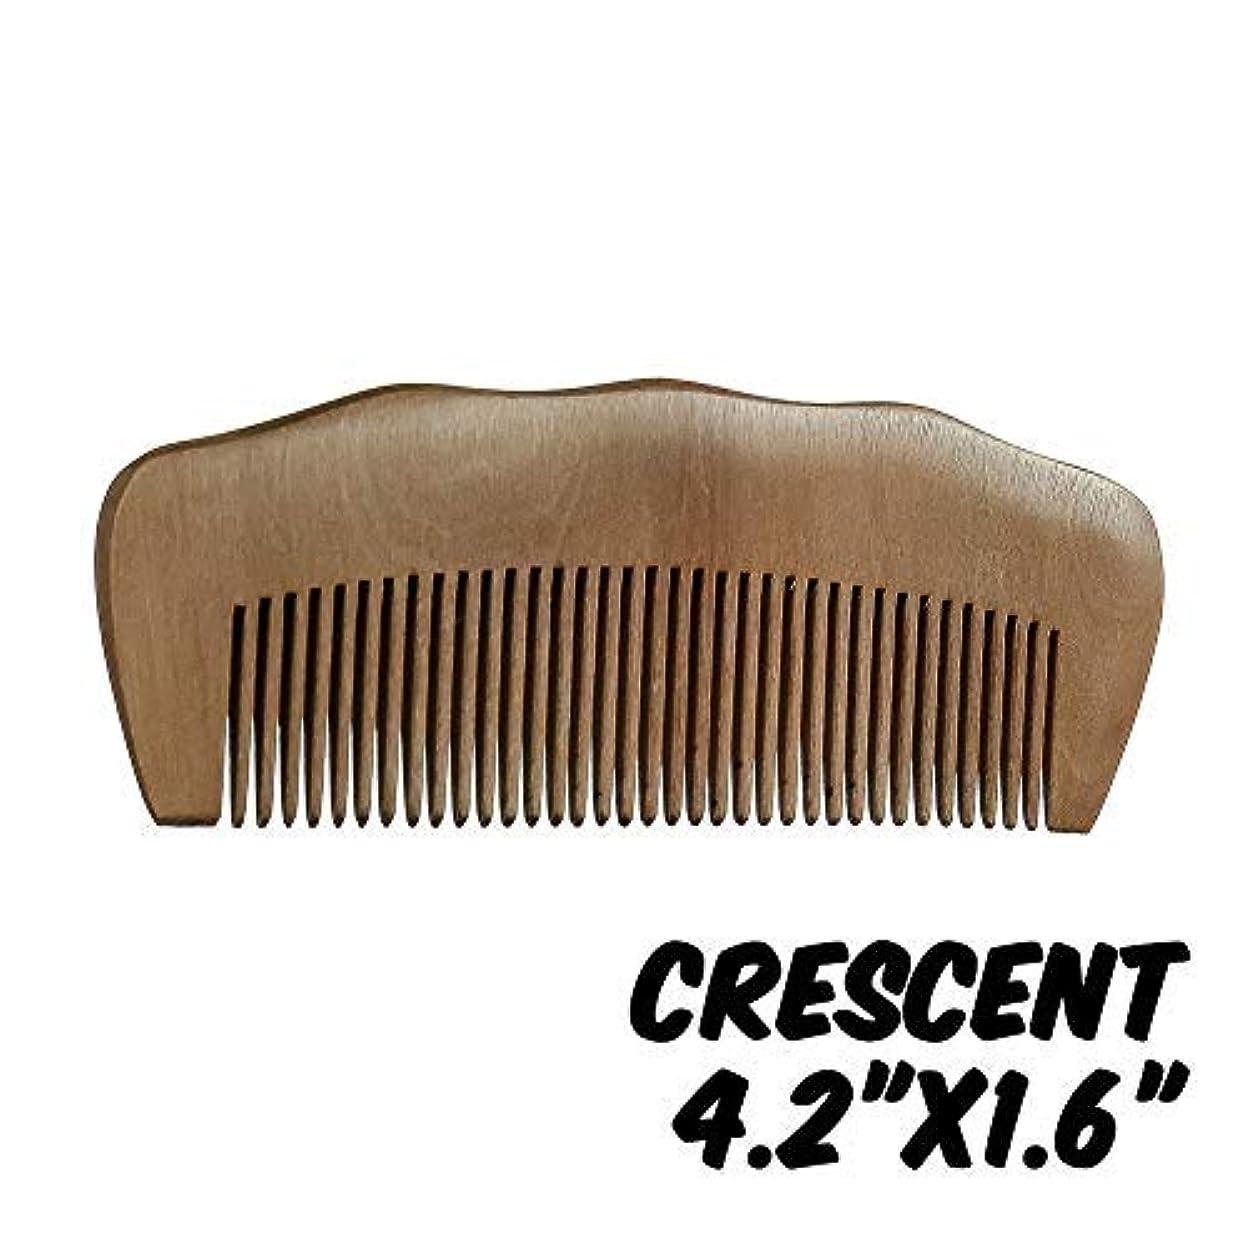 悪党ロッドMarkin Arts Crescent Series Handmade Natural Organic Indian Lilac Wood Anti-Static Hypoallergenic Pocket Handle Dry Comb Healthy Shiny Hair Beard Bristle Stubble Styling Grooming Brush 4.2